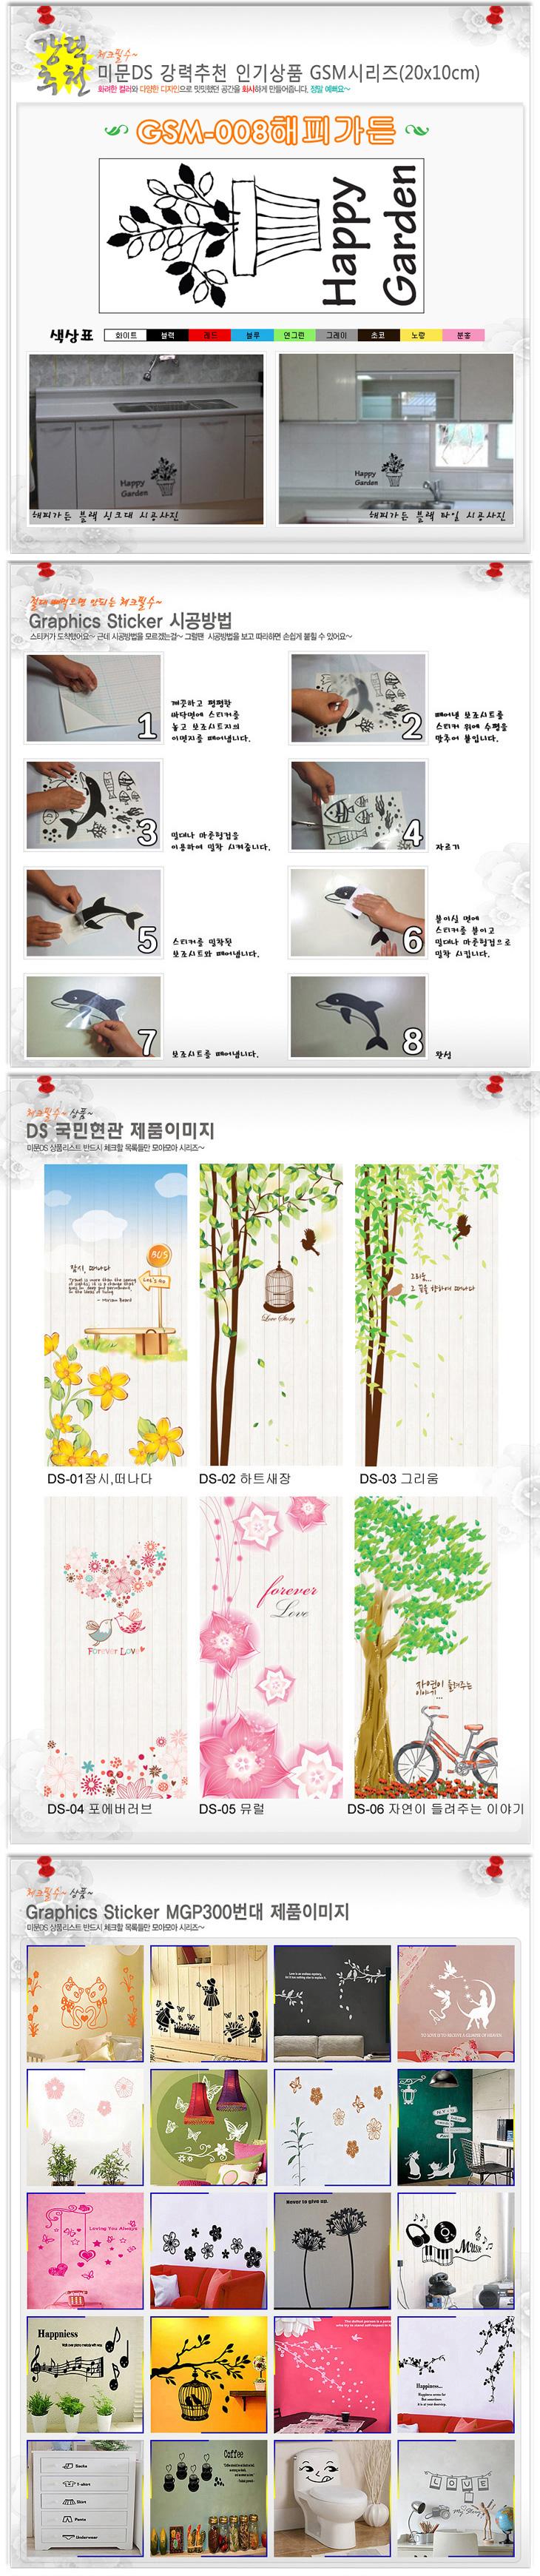 GSM-008 해피가든 - 시트퀸, 1,000원, 월데코스티커, 나무/나뭇가지